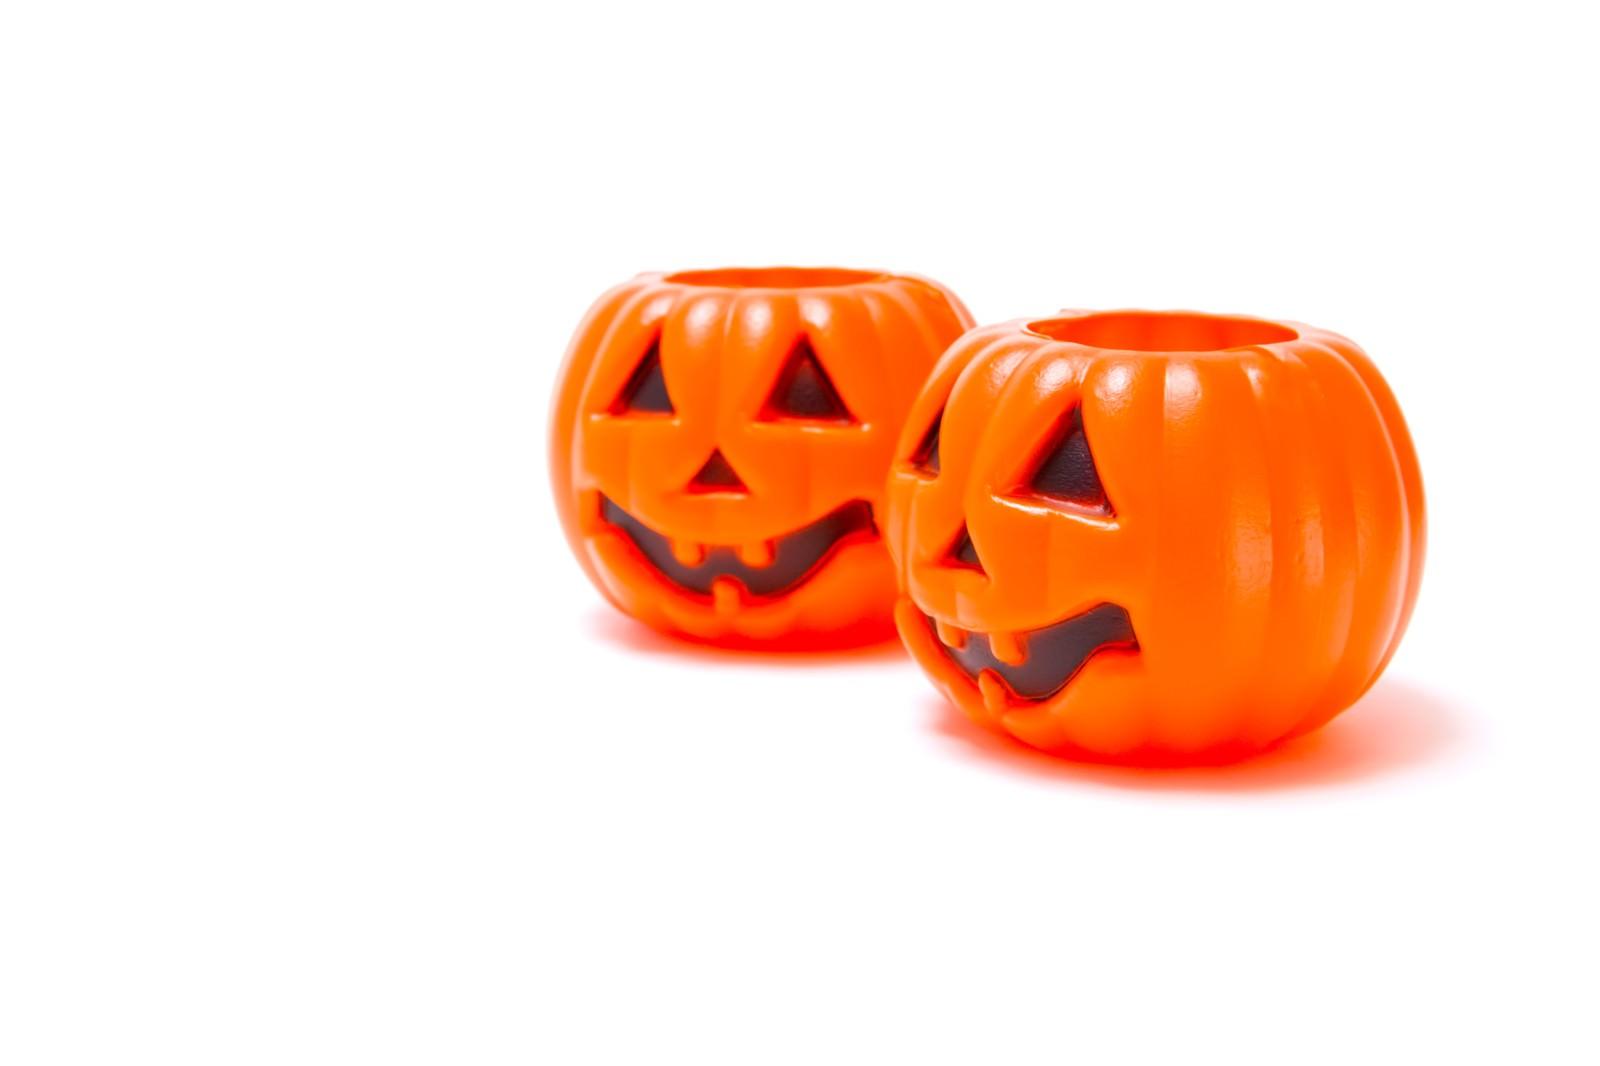 「ハロウィン用の薄らわらいのおばけかぼちゃ」の写真